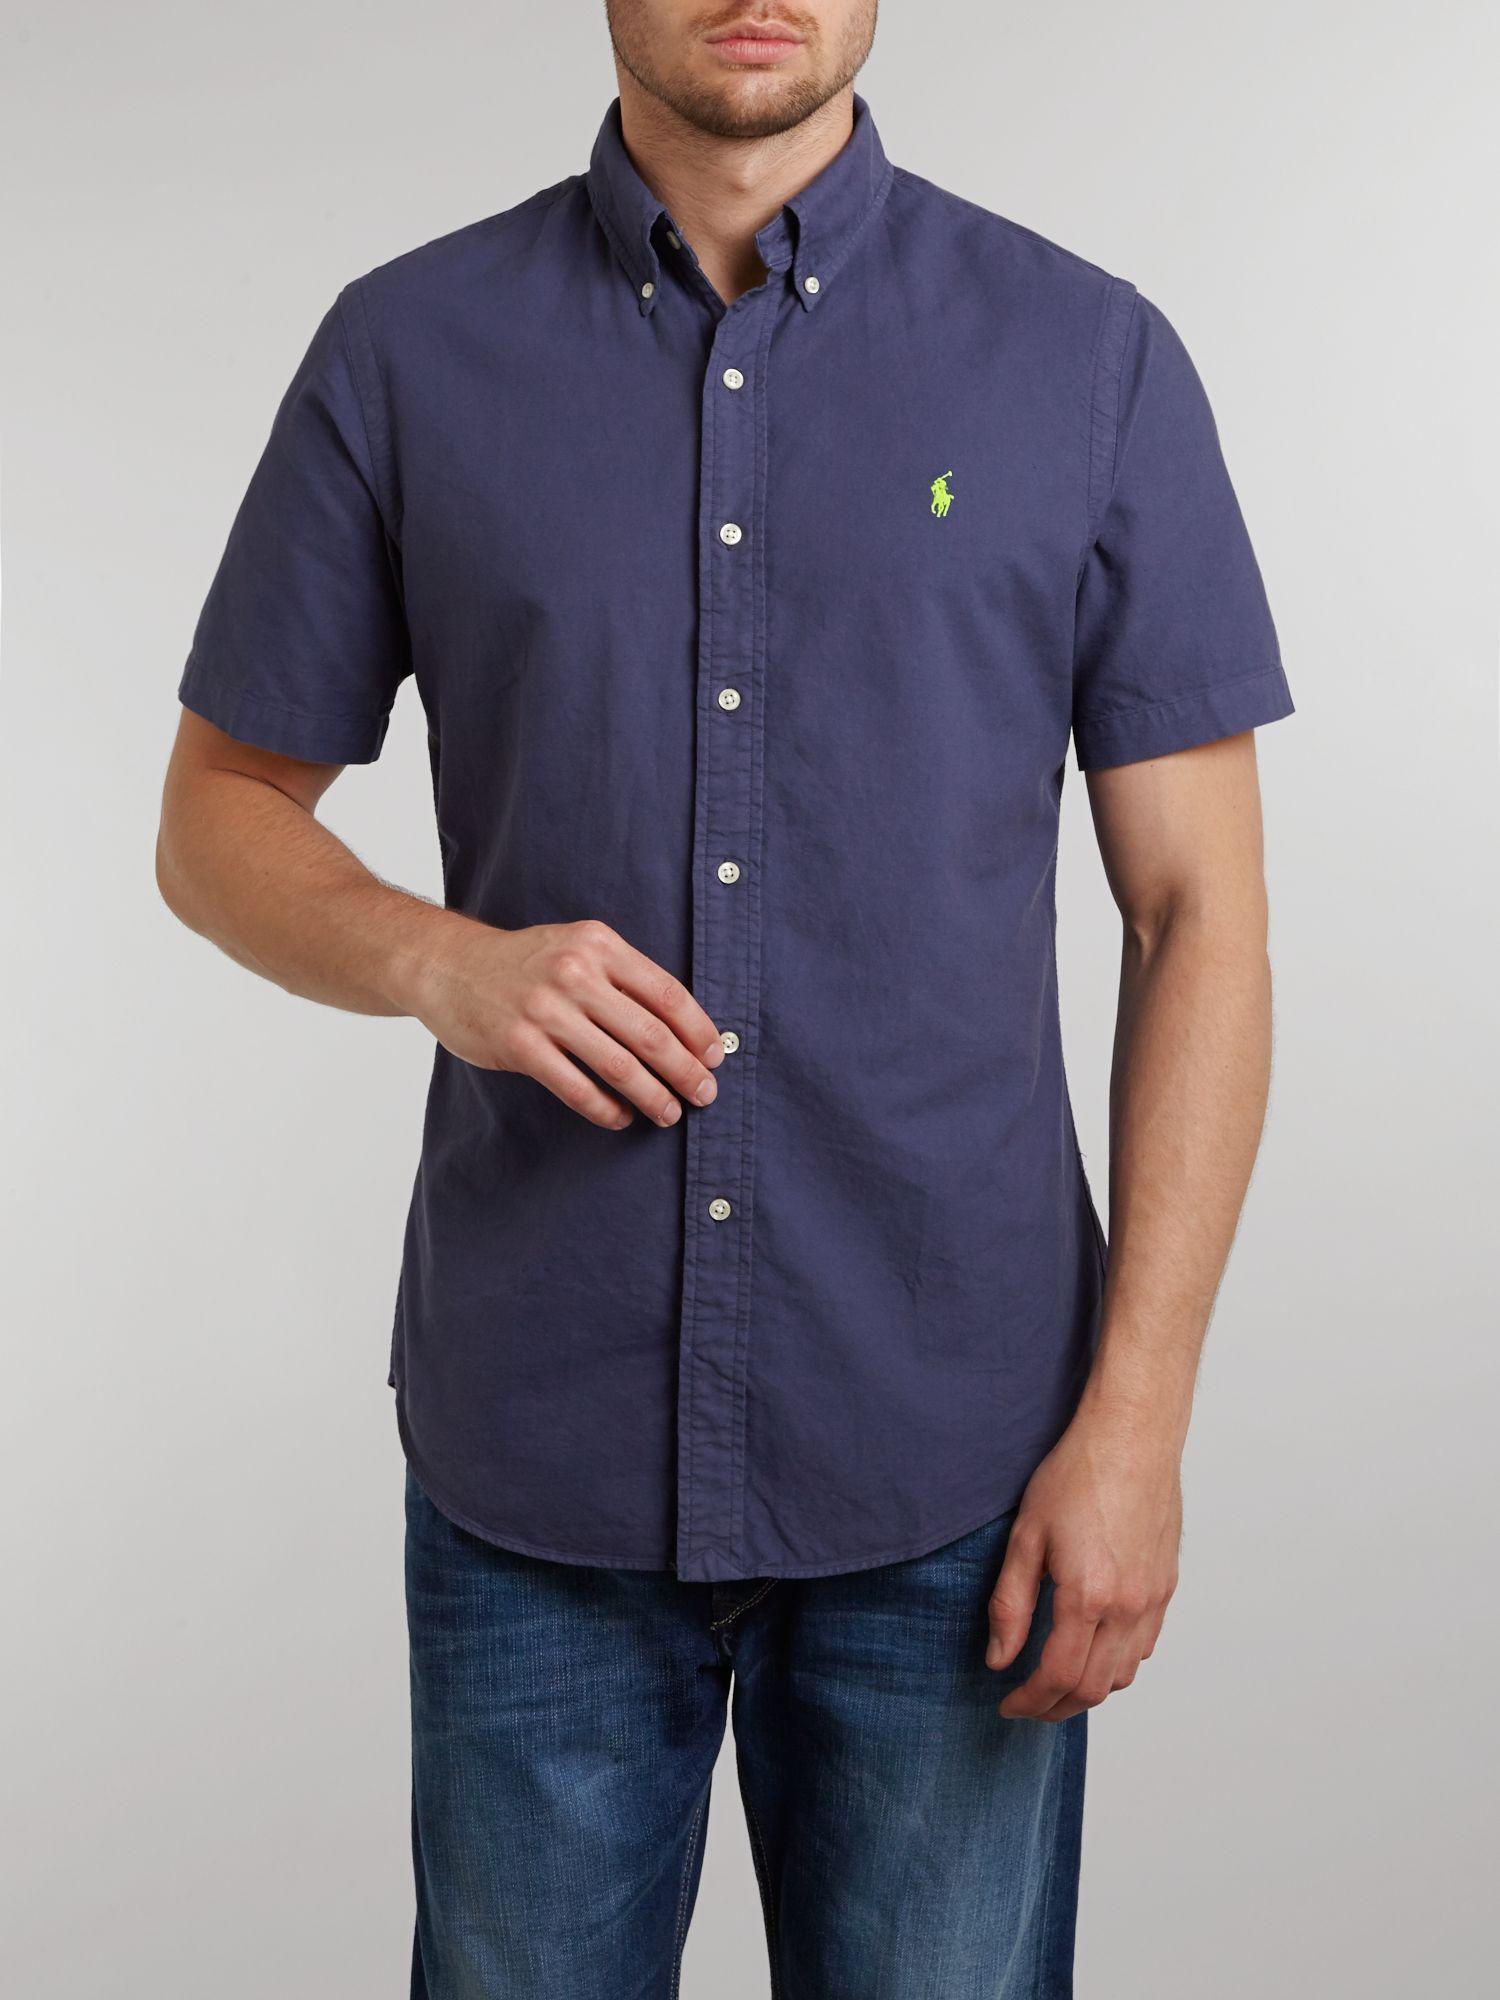 Ralph Lauren Shirts Short Sleeve